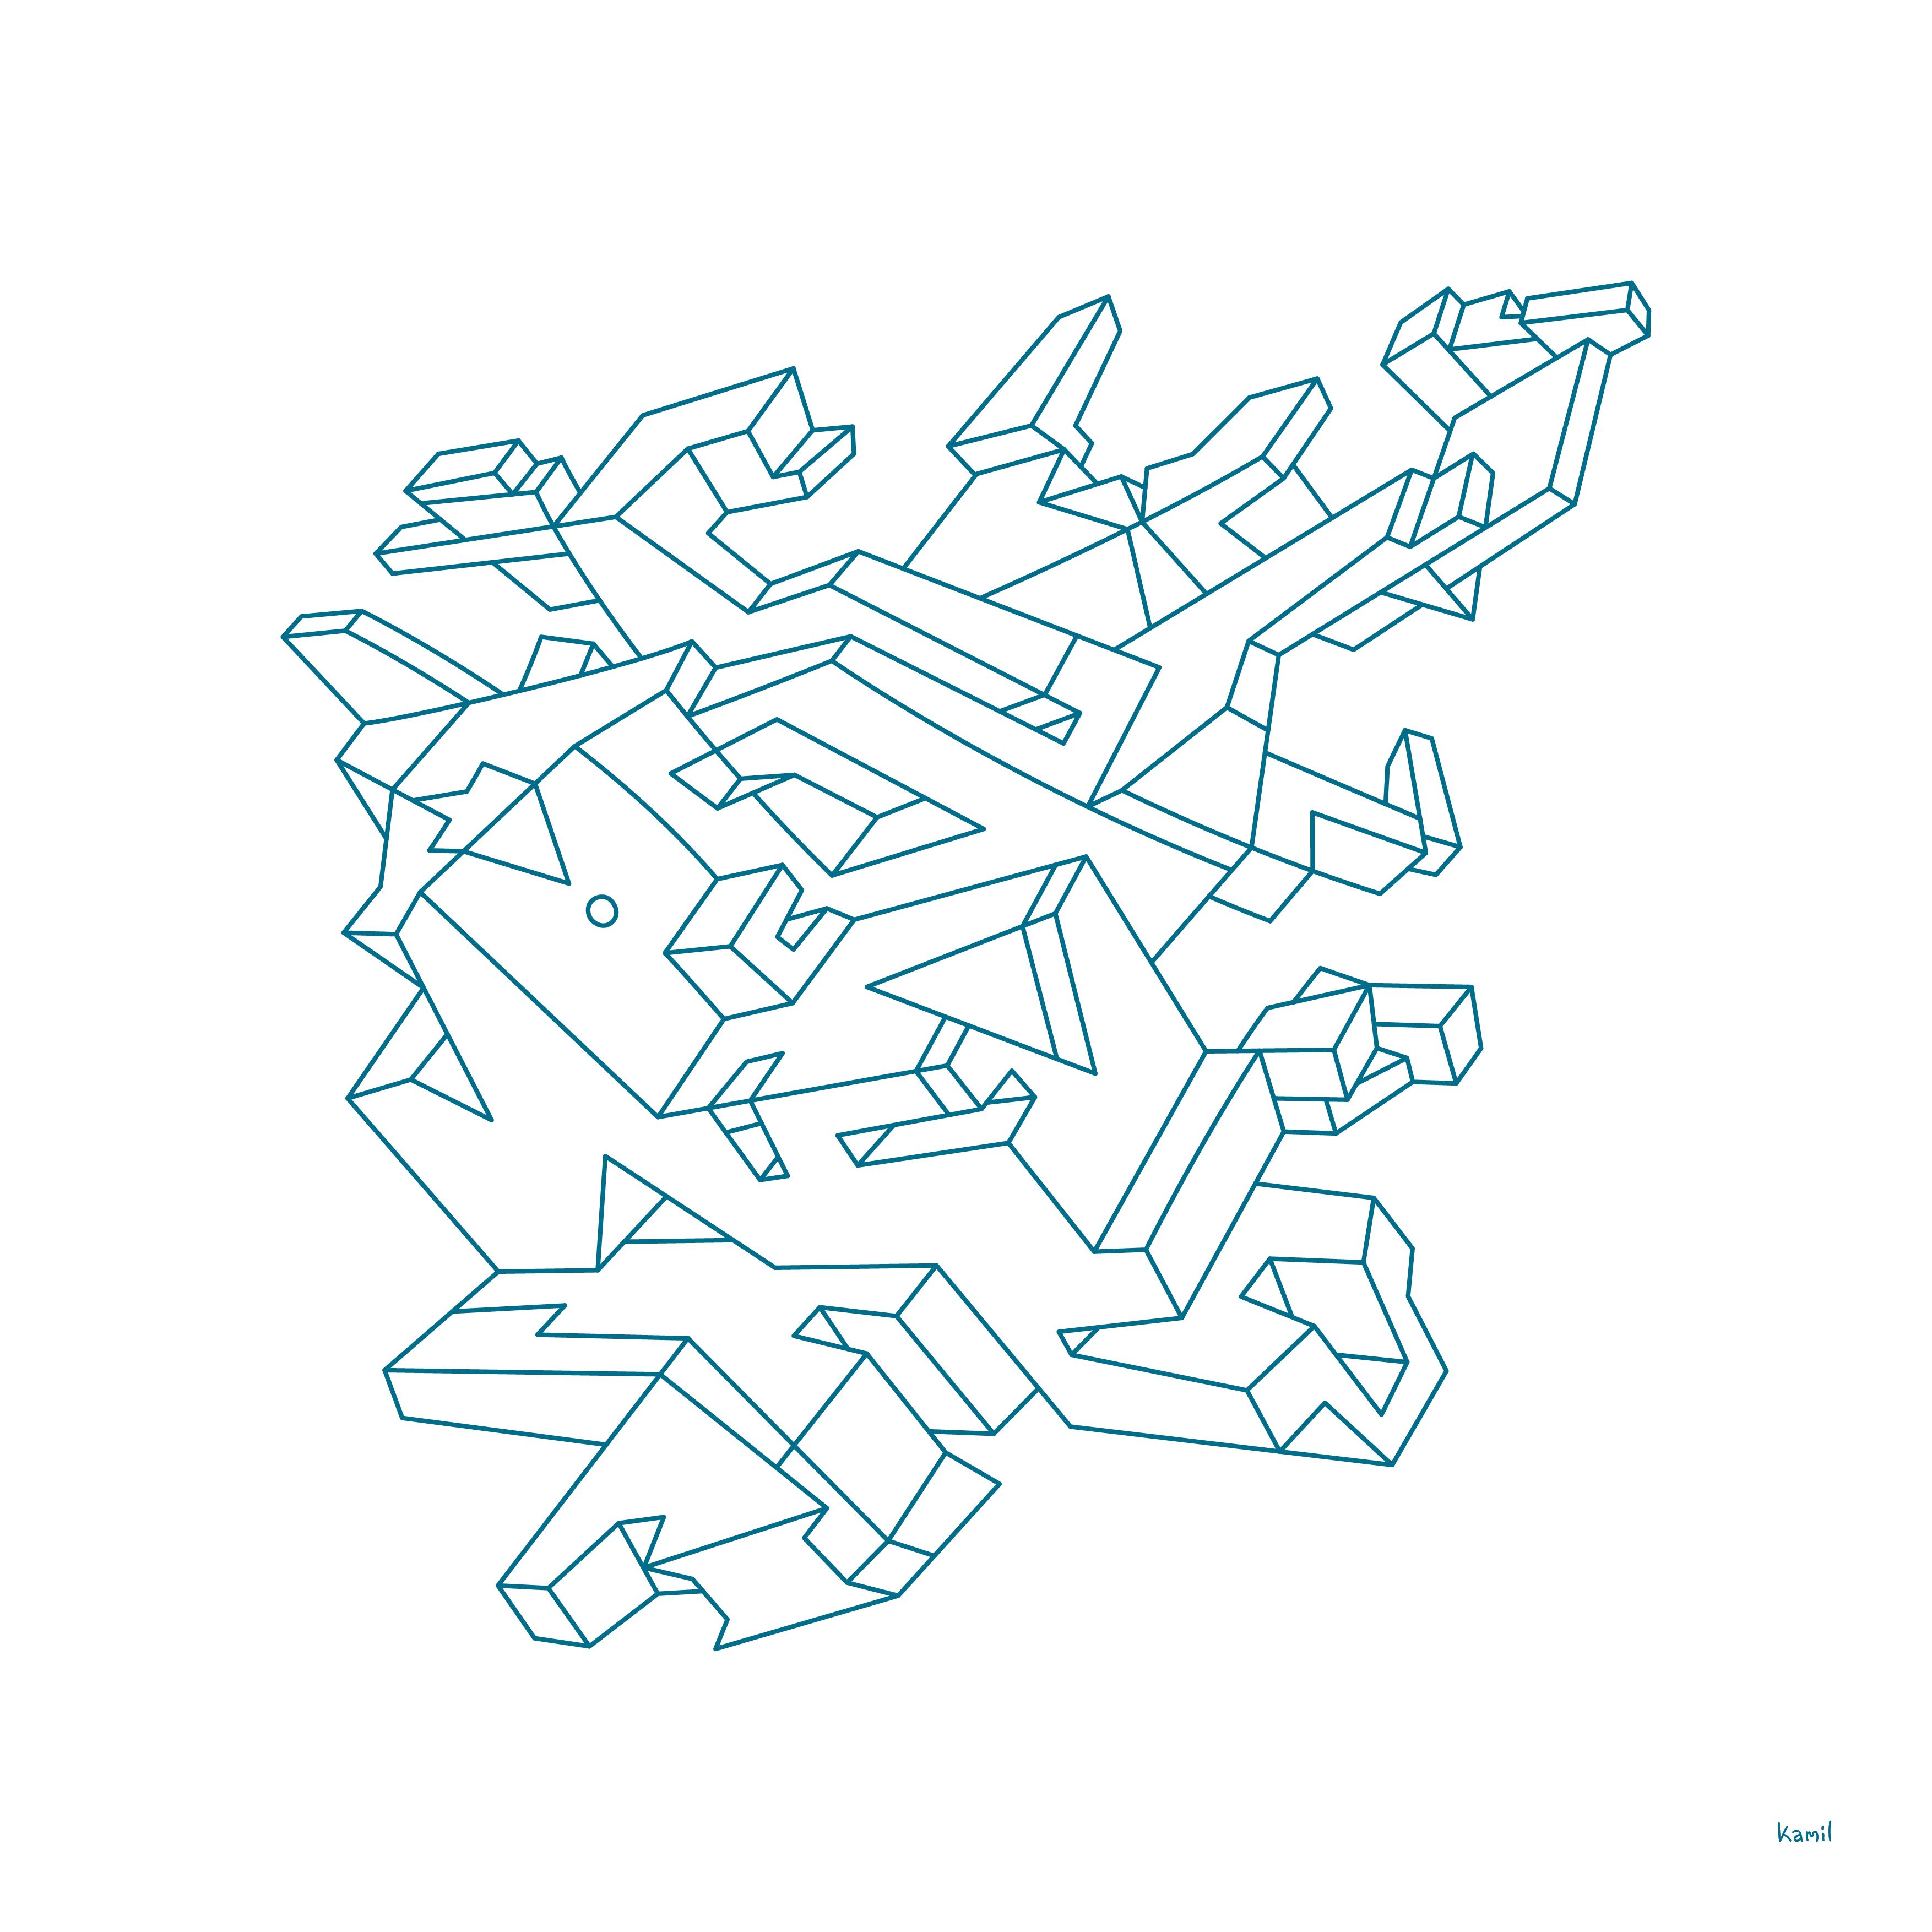 Illustration – Spatial Shapes – No 07 – (outline version)